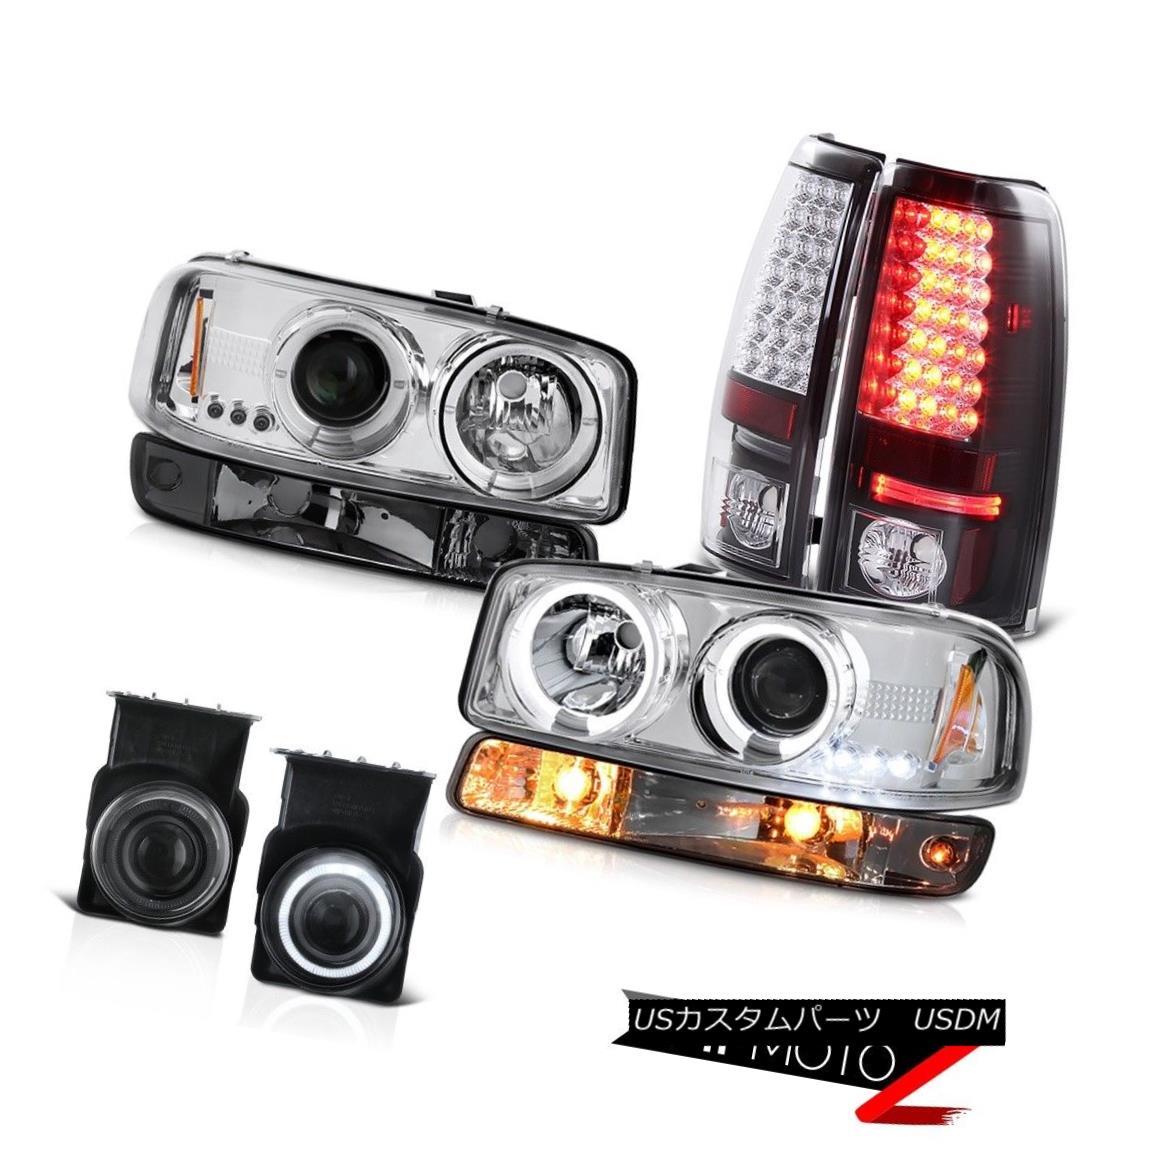 テールライト 2003-2006 Sierra 1500 Foglamps smd parking brake lights turn signal headlamps 2003-2006シエラ1500フォグランプsmdパーキングブレーキライト信号ヘッドライト